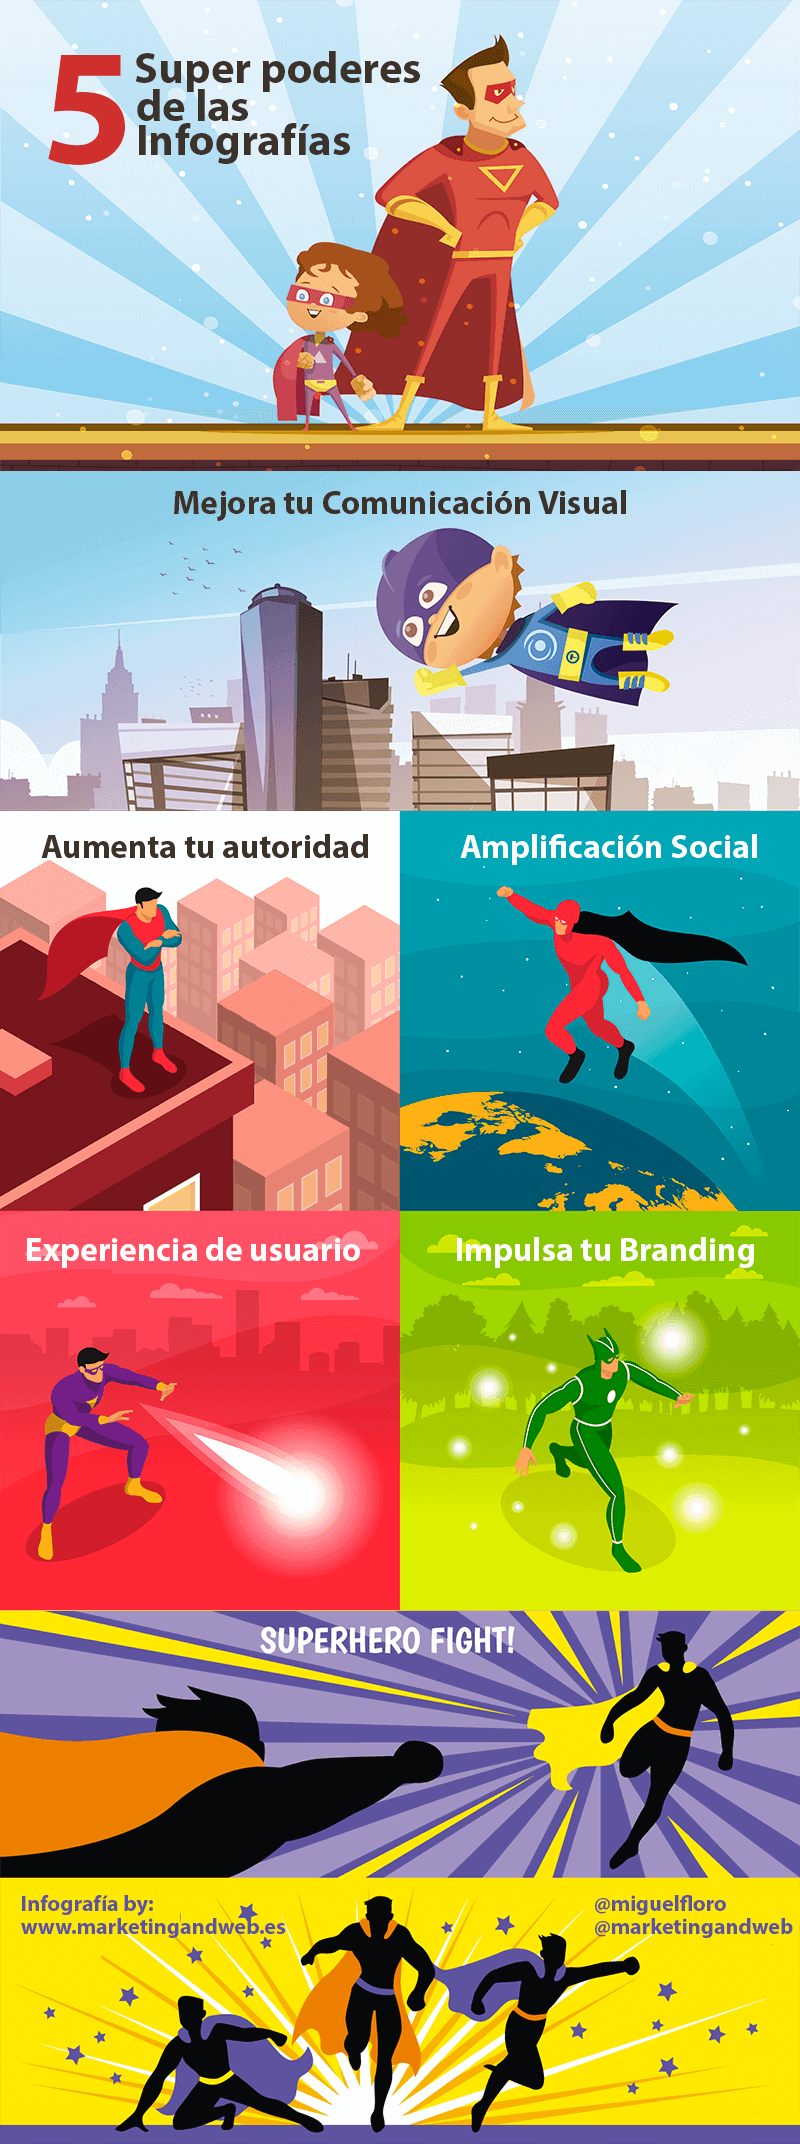 super poderes infografia